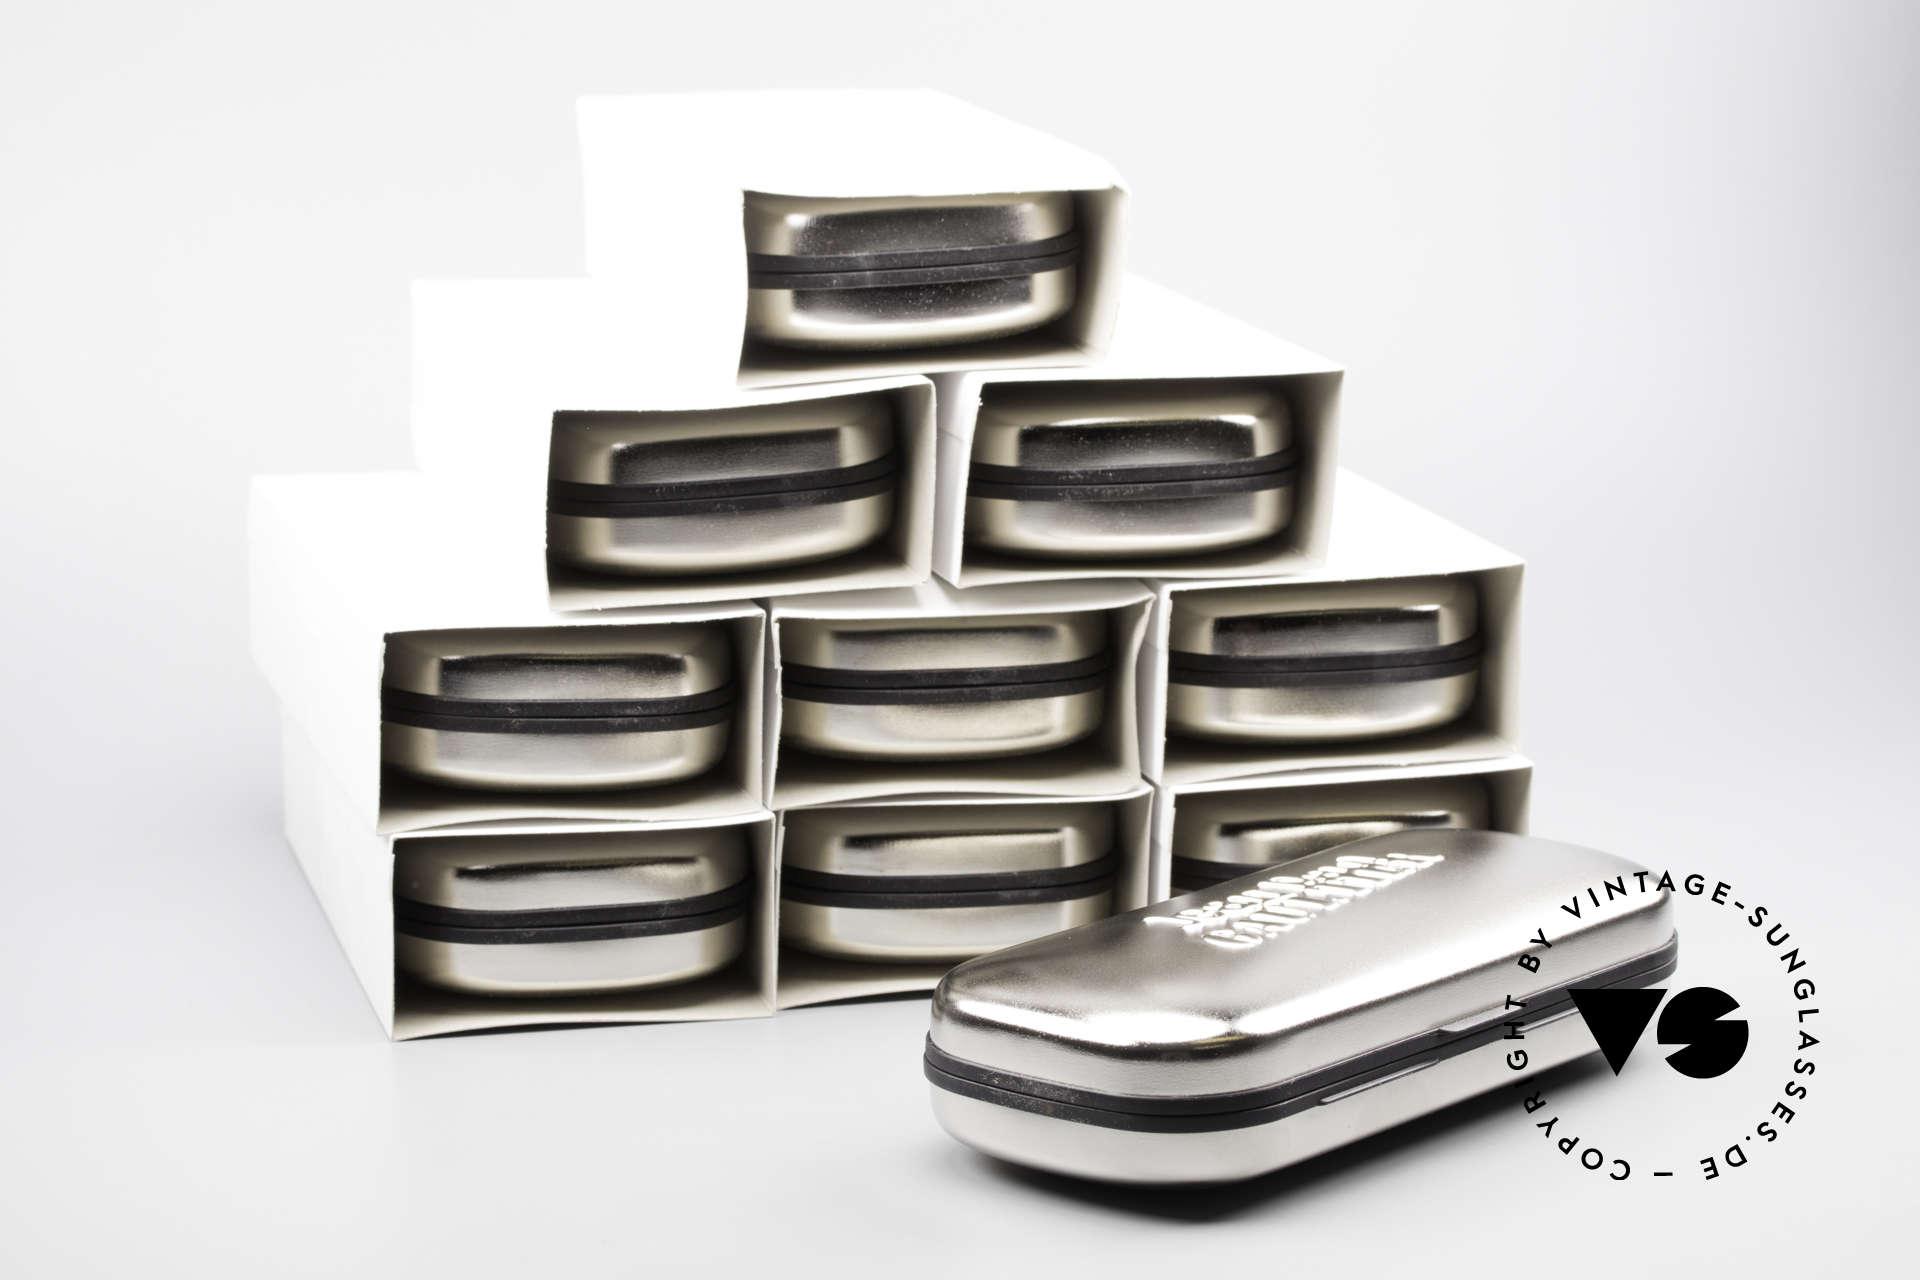 Jean Paul Gaultier 10 Cases Alte Original Gaultier Etuis, 10 Stück original alte Jean Paul Gaultier Etuis, Passend für Herren und Damen